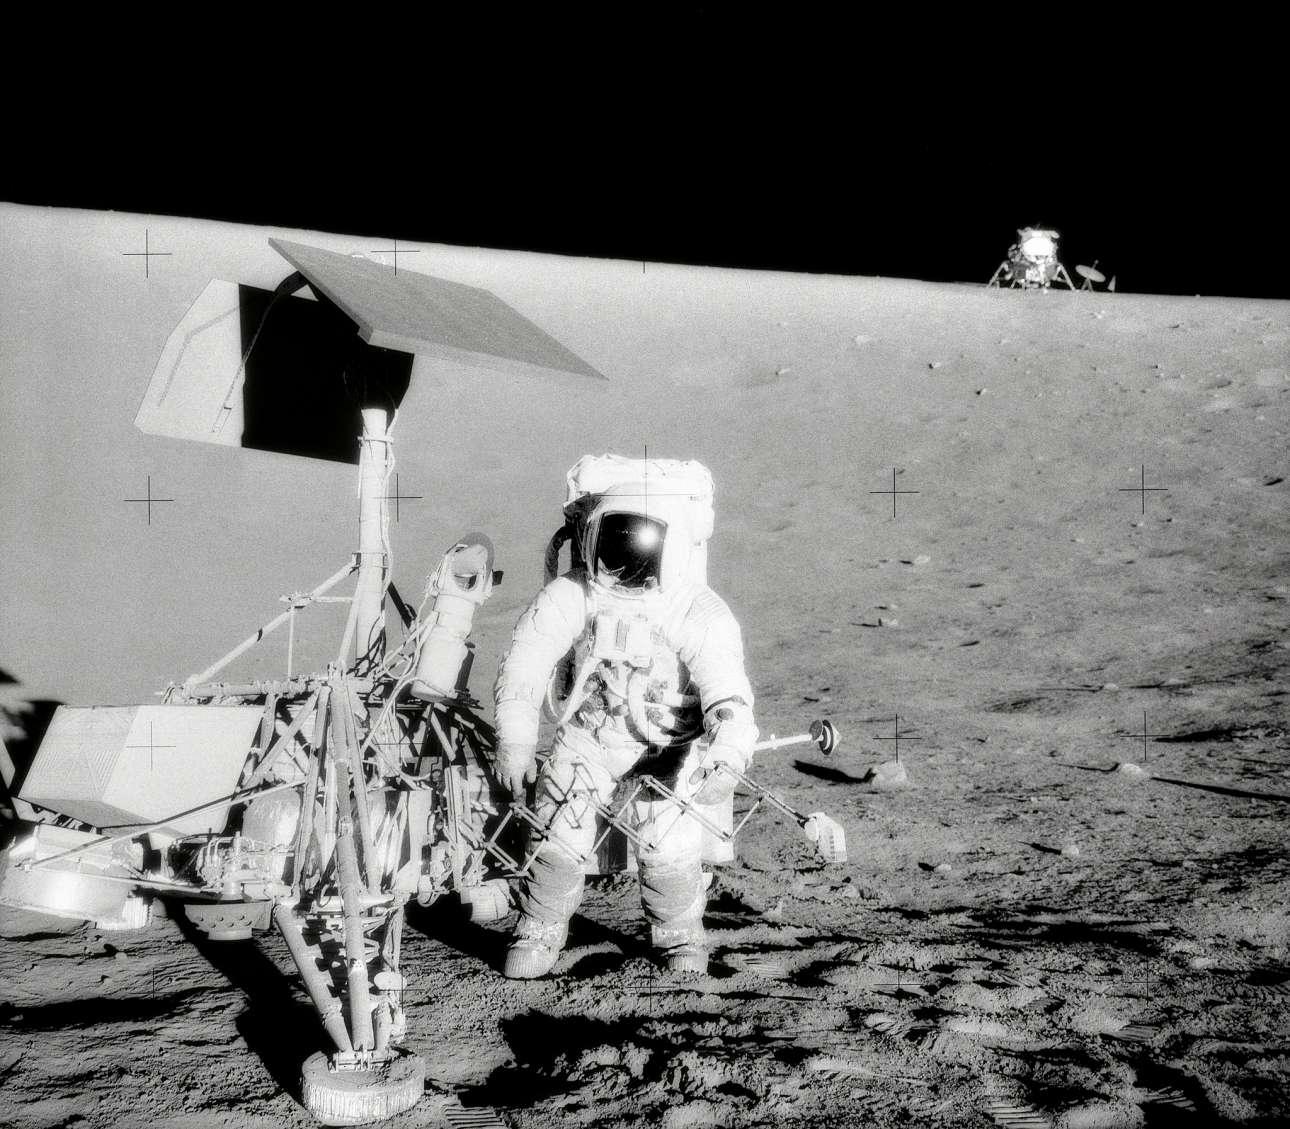 Τον Νοέμβριο του 1969, οι αστροναύτες του Apollo 12 επισκέφθηκαν το μη επανδρωμένο Surveyor III, το οποίο είχε προσεληνωθεί στις 20 Απριλίου 1967